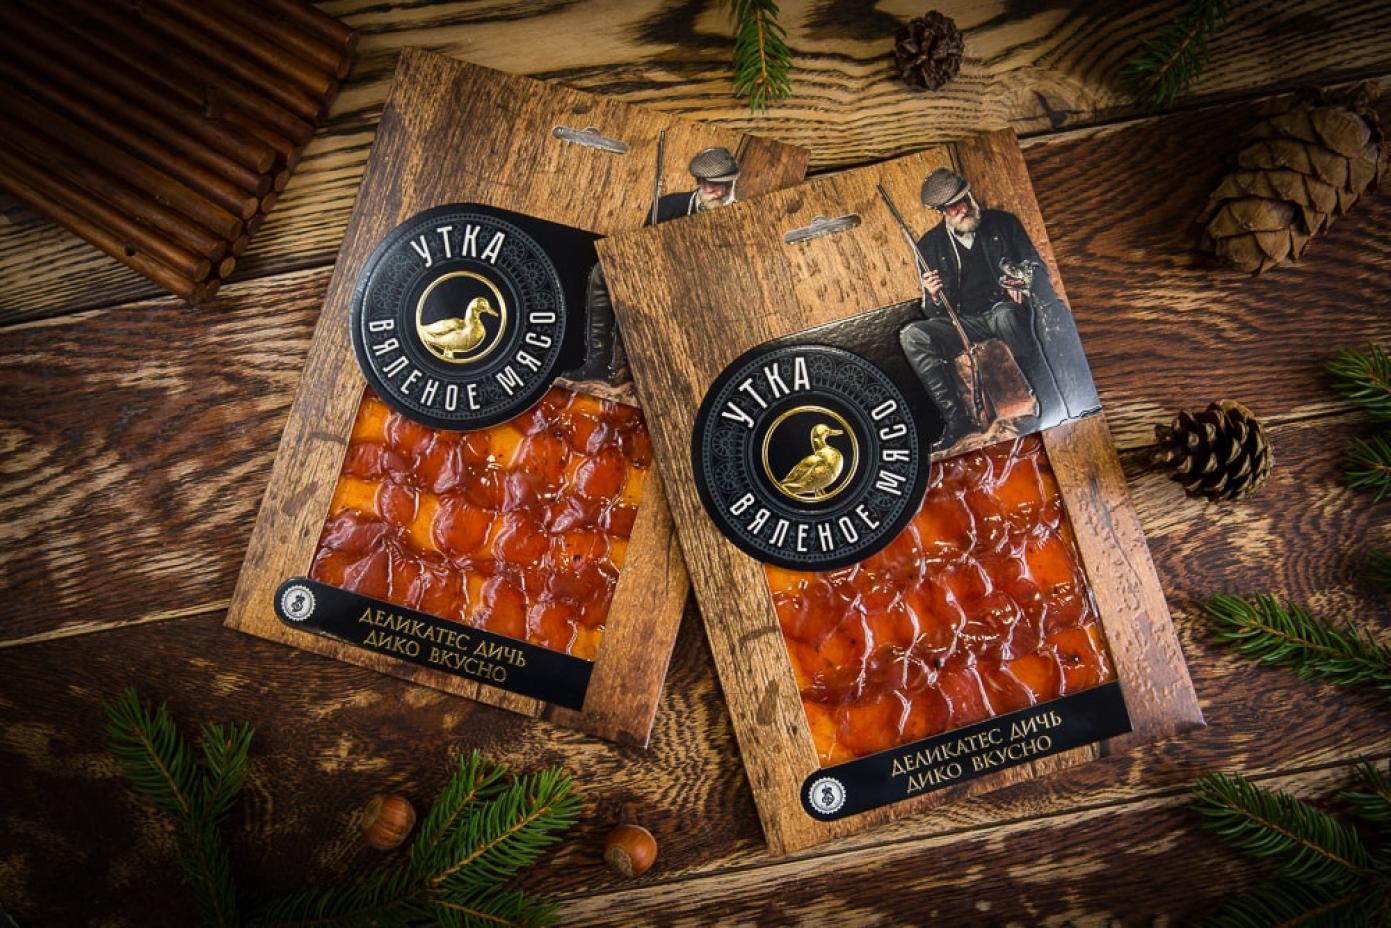 Нарезка из вяленого мяса Утки в подарочной упаковке 100г